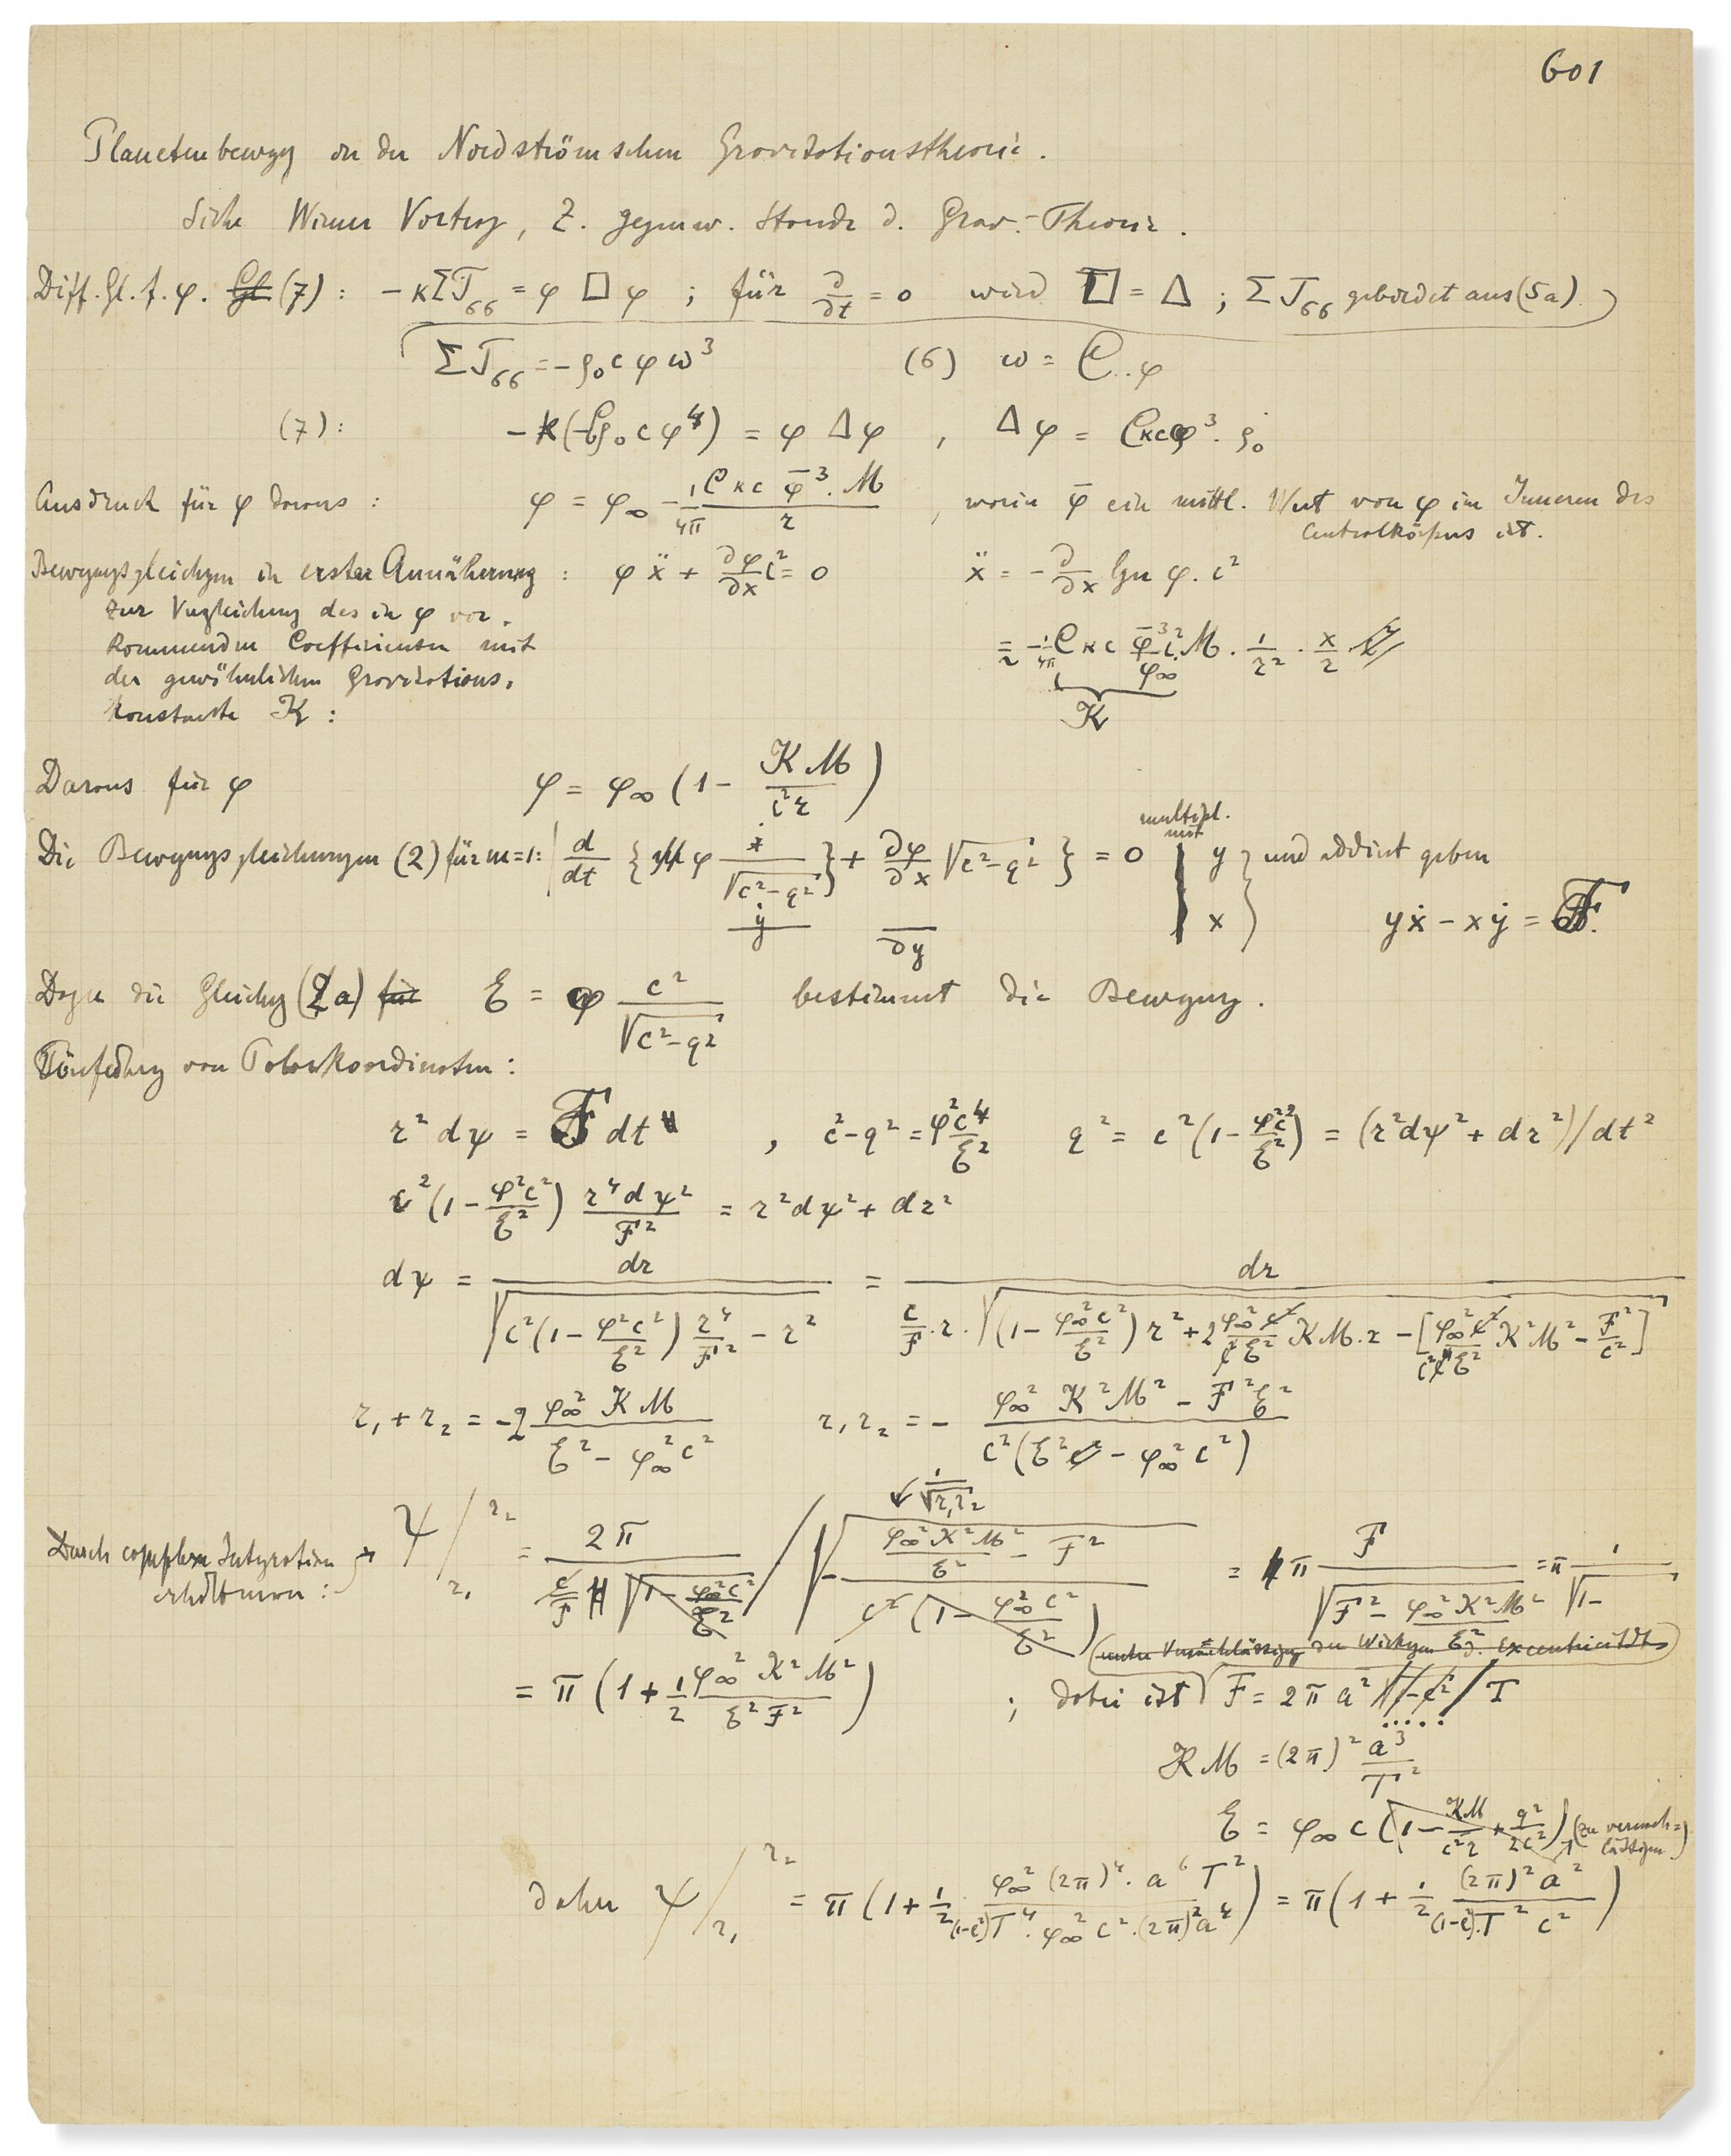 Quando l'universo cambiò per sempre. Christie's presenta un rivoluzionario manoscritto di Einstein